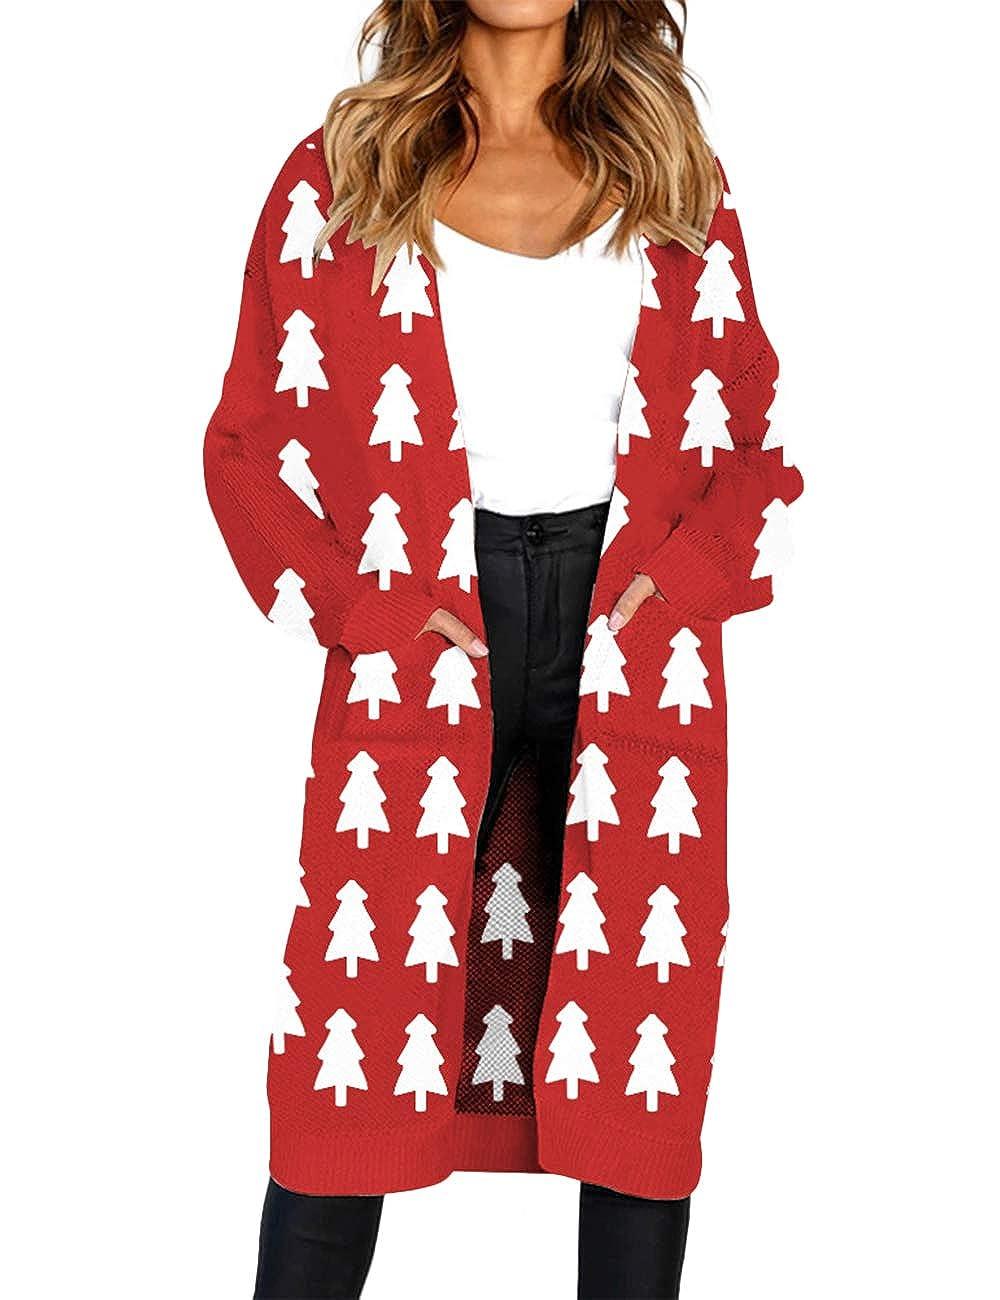 Lrud Women Christmas Cardigan Sweater Xmas Open Front Knitwear Jumper Dresses